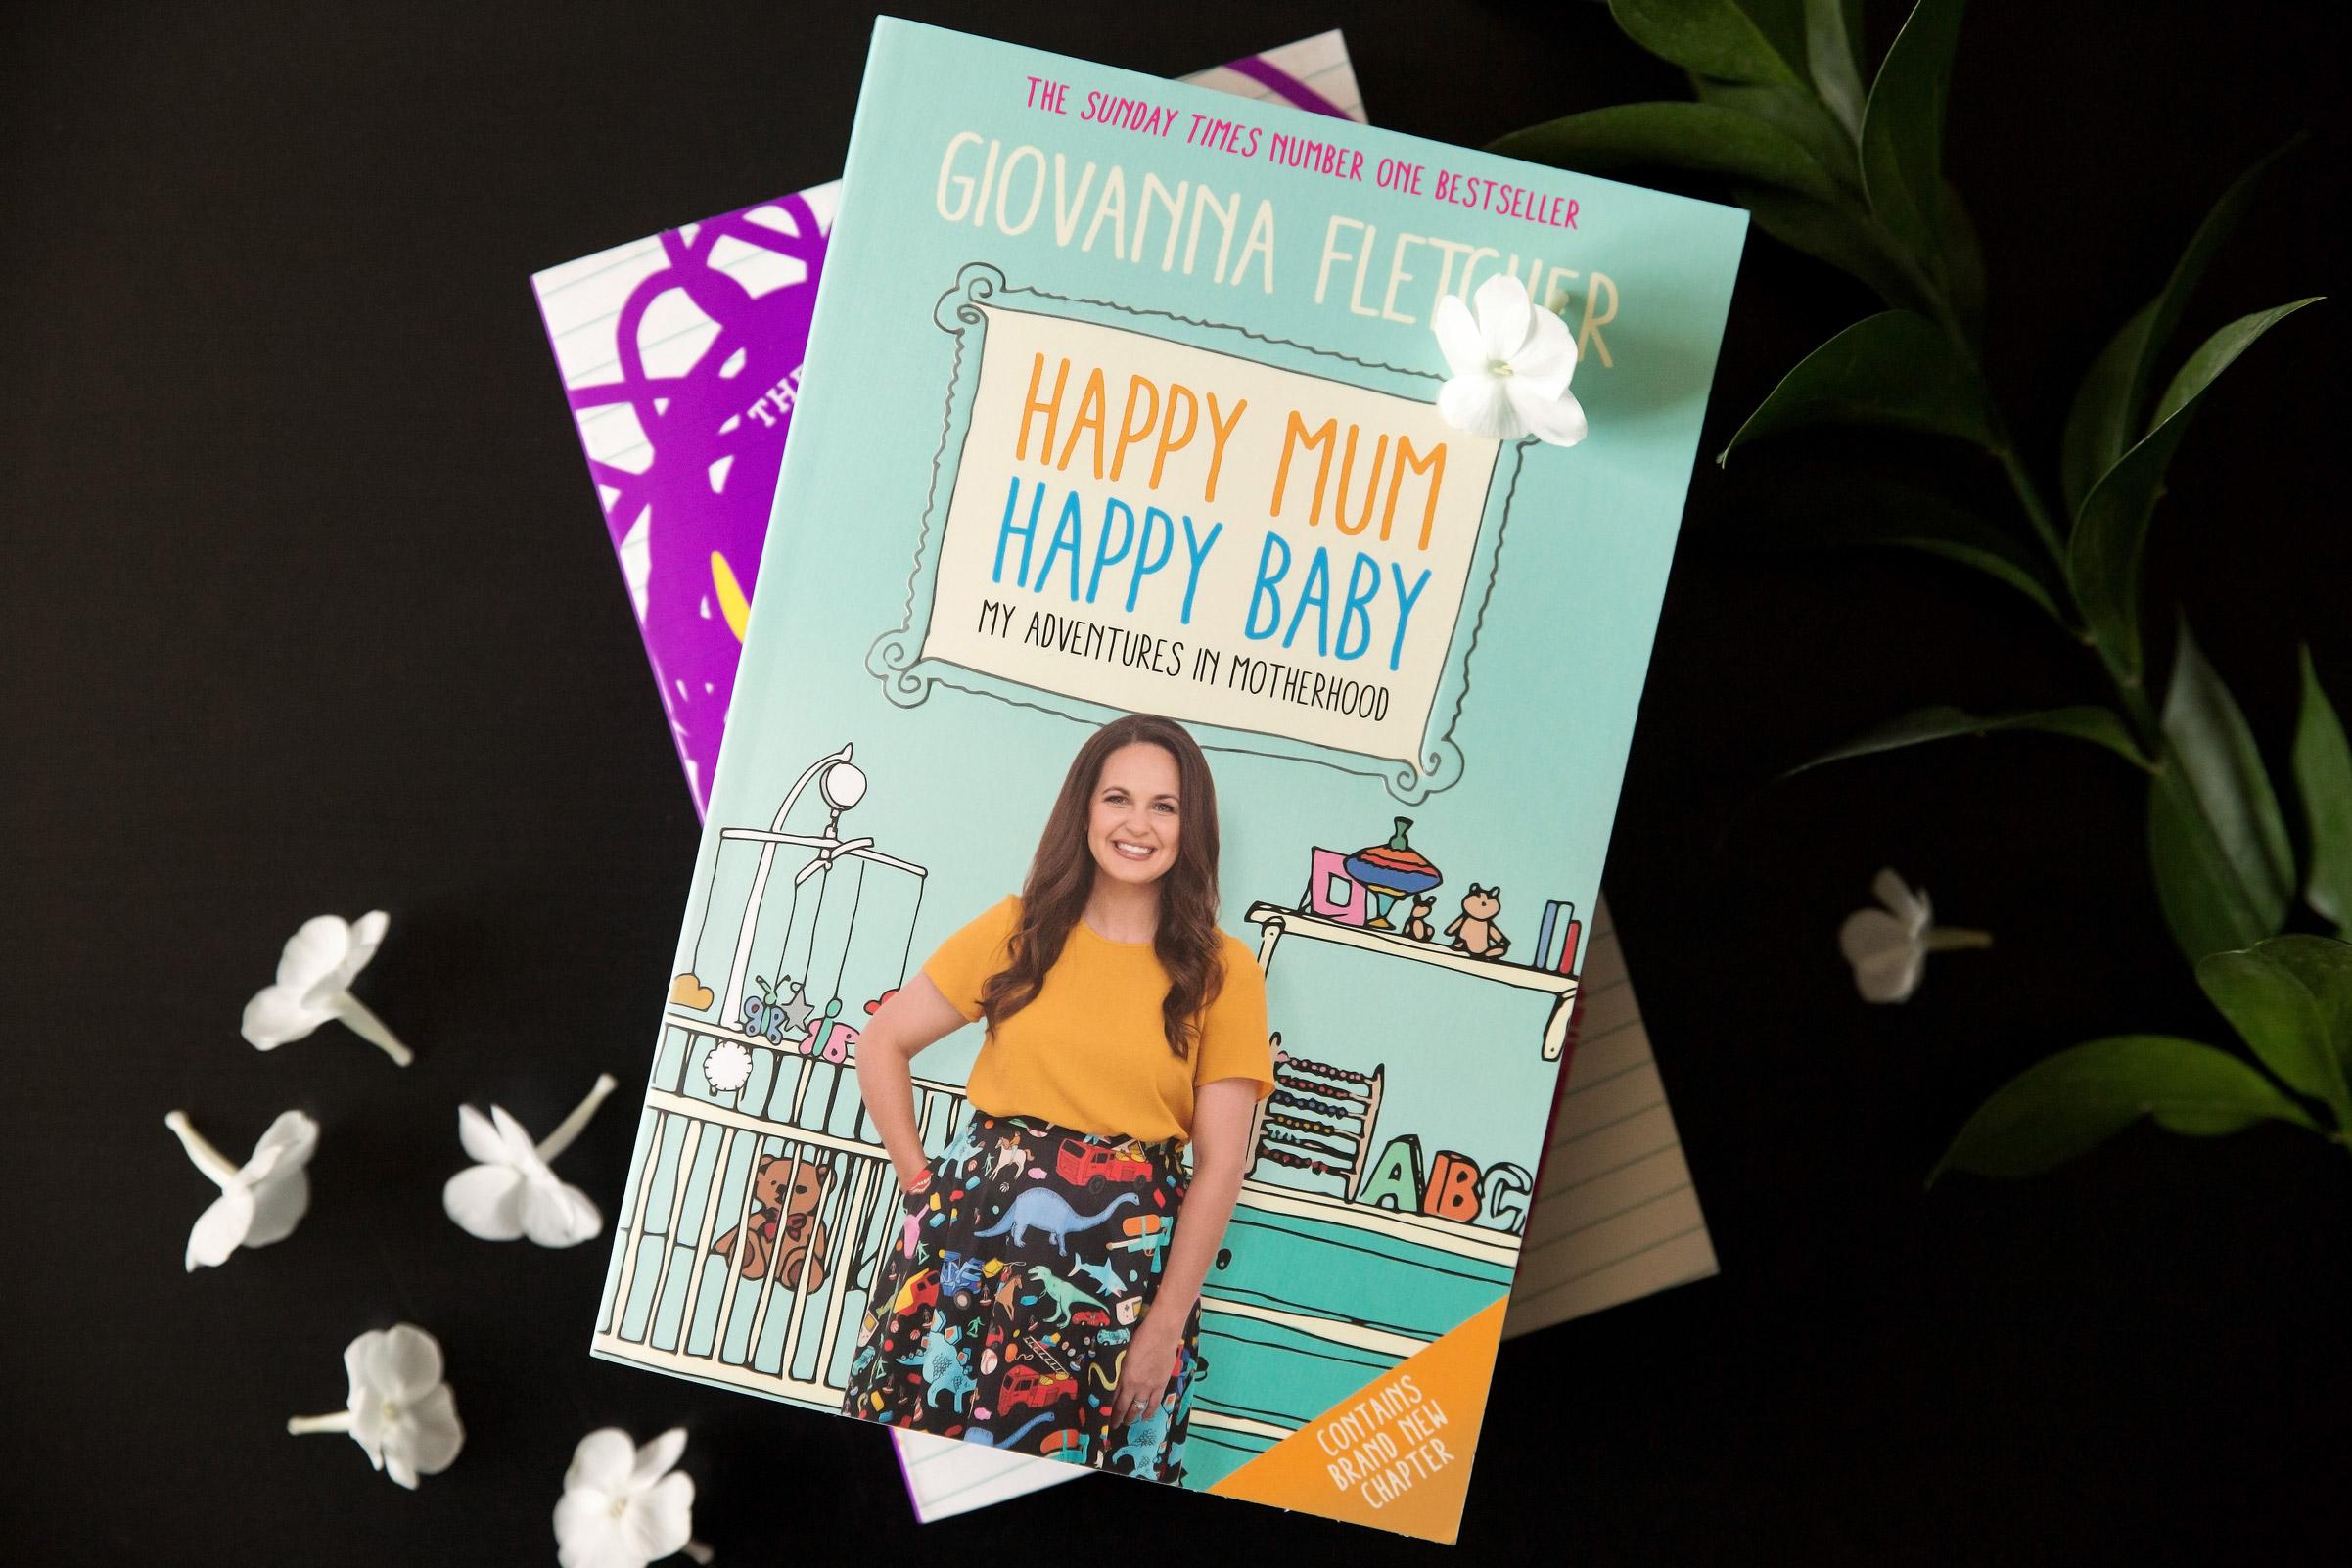 happy mum happy baby book